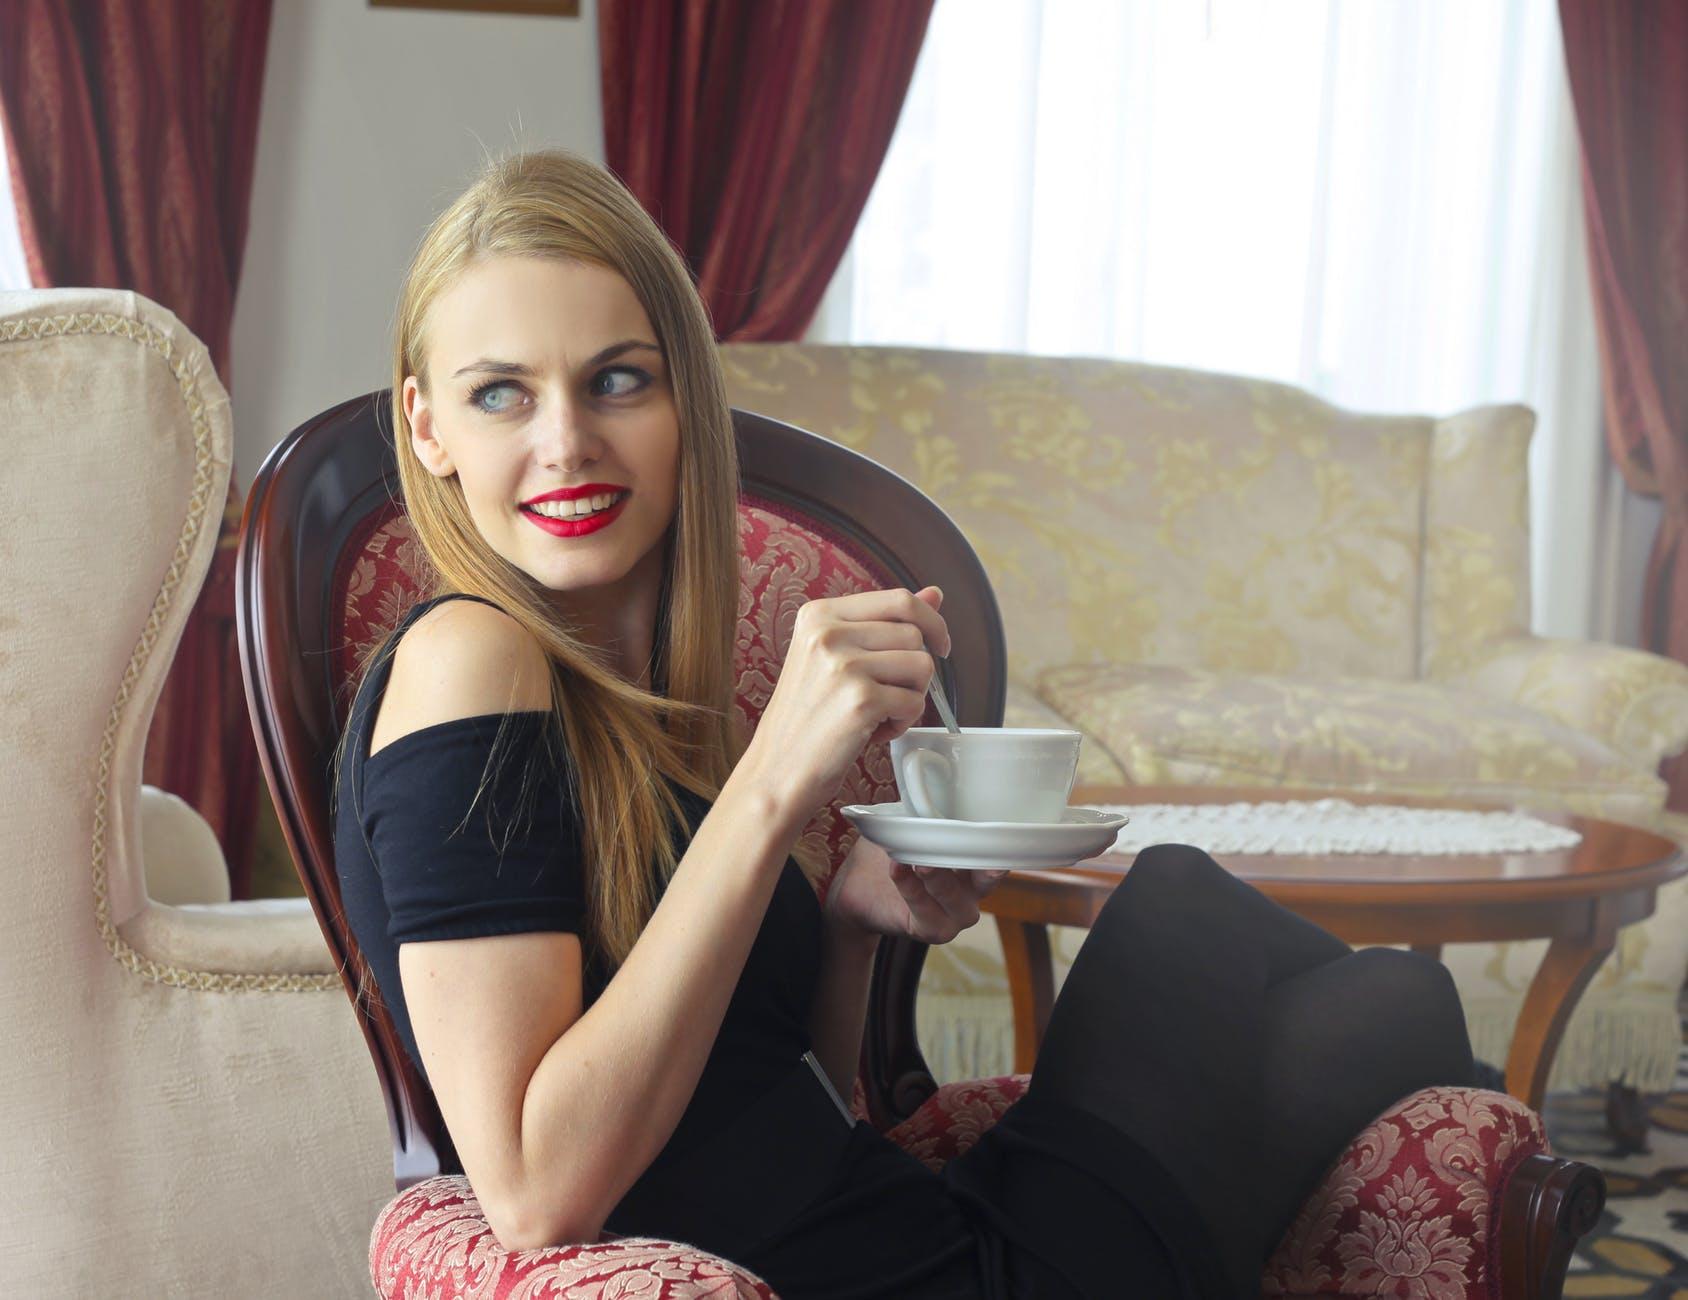 ホテルで無料で楽しめるネスプレッソ!ネスプレッソのコーヒーが無料で楽しめるホテルとは